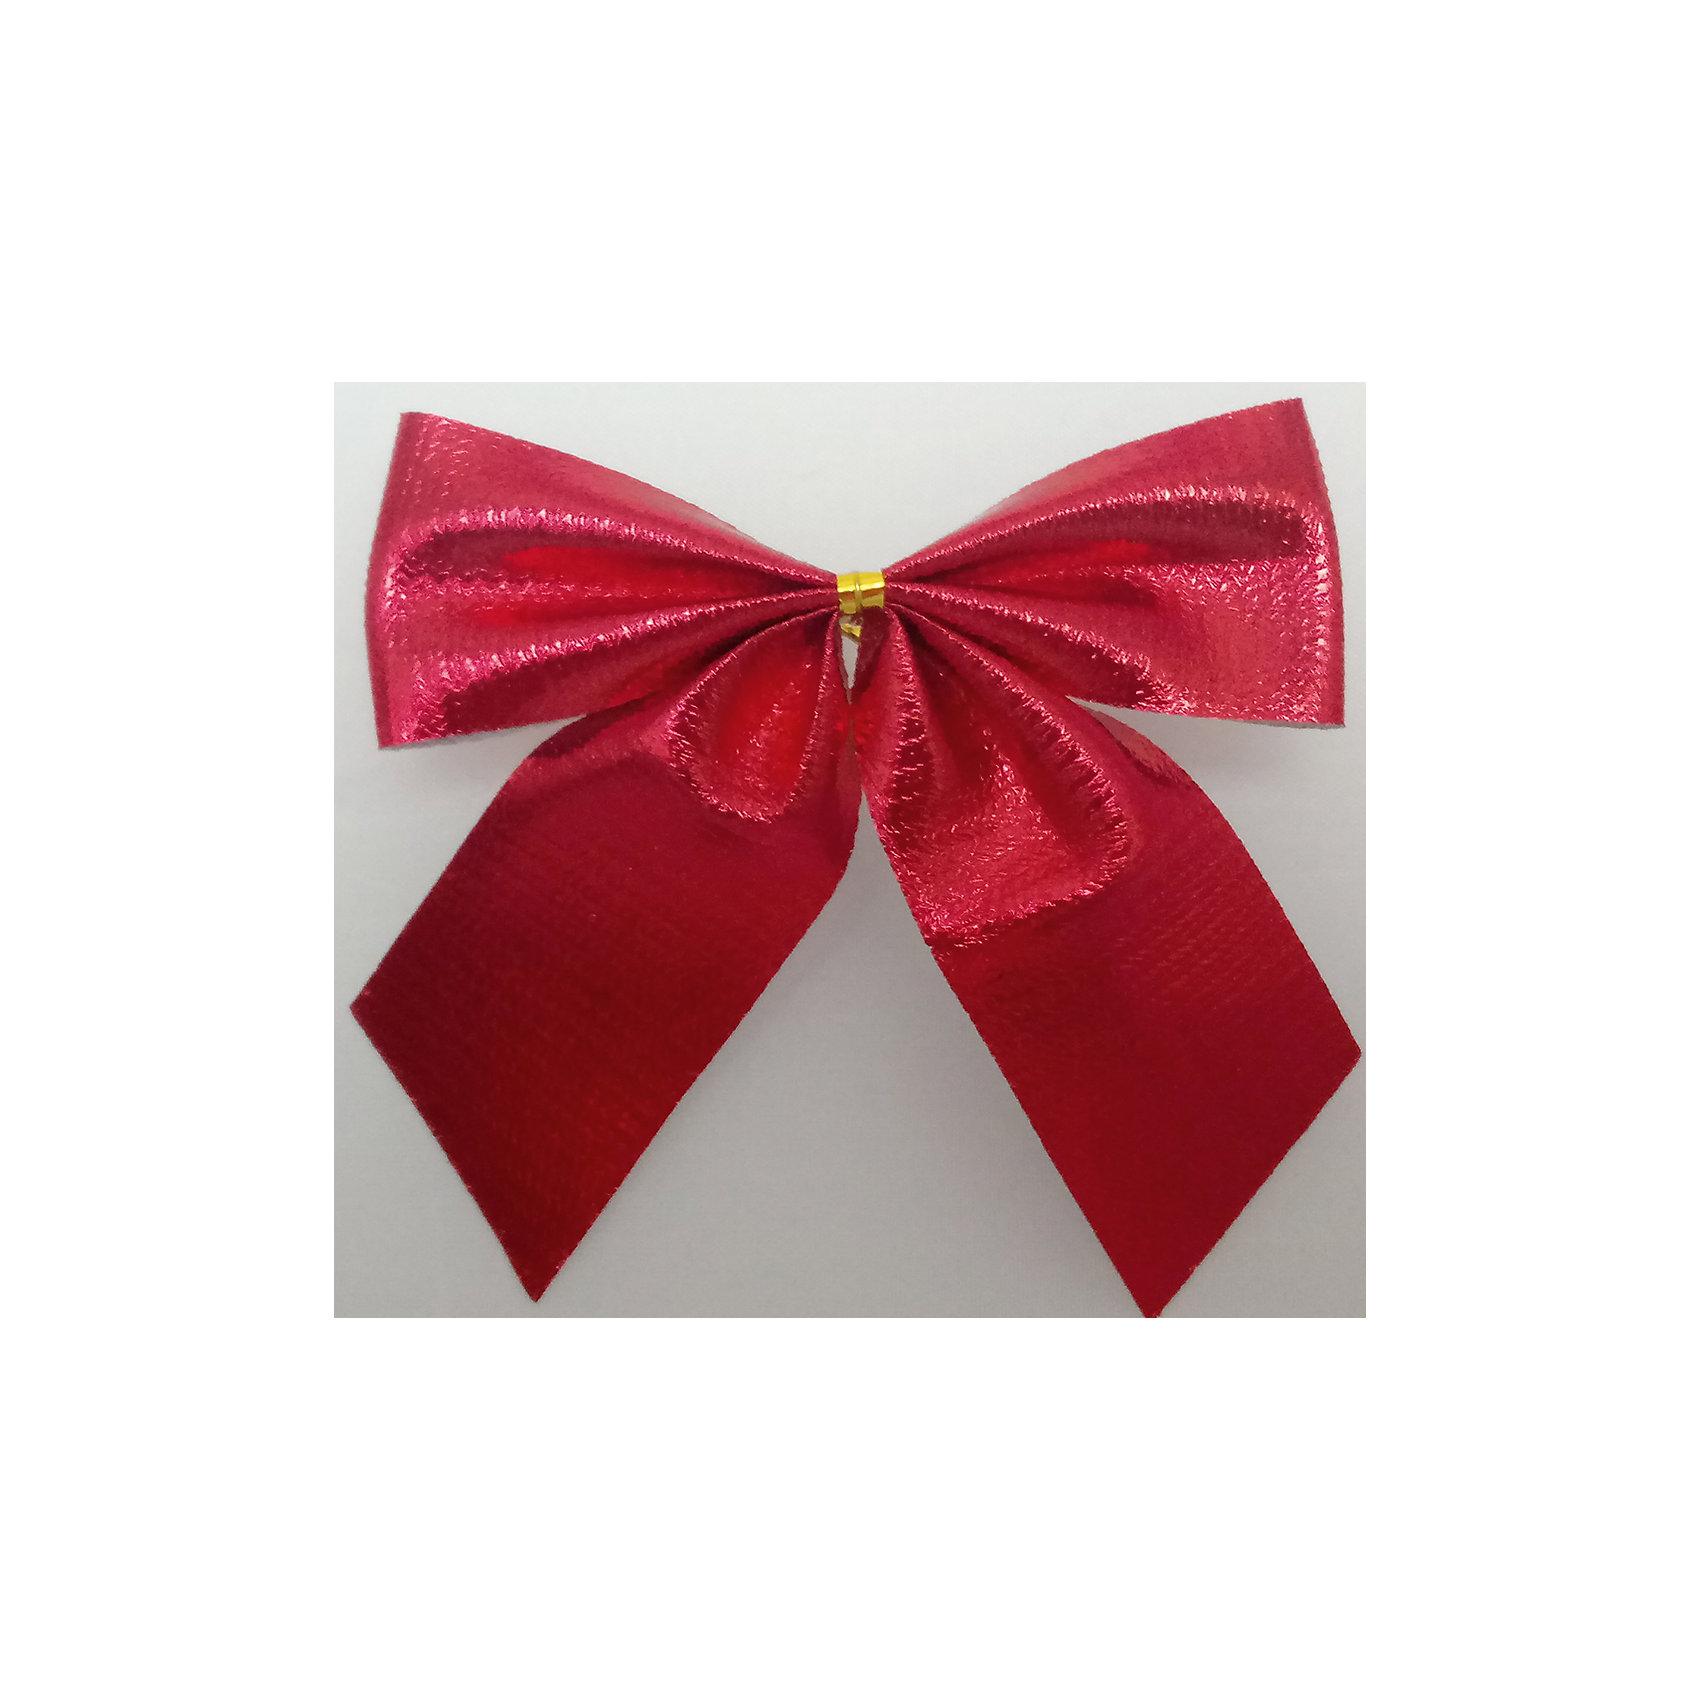 Набор красных метализированных бантов, 6 штХарактеристики товара:<br><br>• цвет: красный<br>• размер банта: 8 см<br>• размер упаковки: 29х16х1 см<br>• комплектация: 6 шт<br>• материал: нейлон<br>• металлизированные<br>• для украшения интерьера или подарков<br>• страна производства: Китай<br><br>Бант - это универсальное украшение, он добавит торжественности и духа праздника прическе, интерьеру, подарочной упаковке, ёлке! Это украшение будет отлично смотреться в окружении любой цветовой гаммы, оно качественно выполнено и нарядно смотрится. С помощью такого комплекта можно оригинально украсить квартиру к празднику и декорировать пакет или коробку с подарком.<br>Такие небольшие детали и создают праздник! От них во многом зависит хорошее новогоднее настроение. Изделие производится из качественных сертифицированных материалов, безопасных даже для самых маленьких.<br><br>Банты металлизированные красные (0,29Х0,16Х0,01м) можно купить в нашем интернет-магазине.<br><br>Ширина мм: 290<br>Глубина мм: 160<br>Высота мм: 10<br>Вес г: 200<br>Возраст от месяцев: 72<br>Возраст до месяцев: 480<br>Пол: Унисекс<br>Возраст: Детский<br>SKU: 5051617